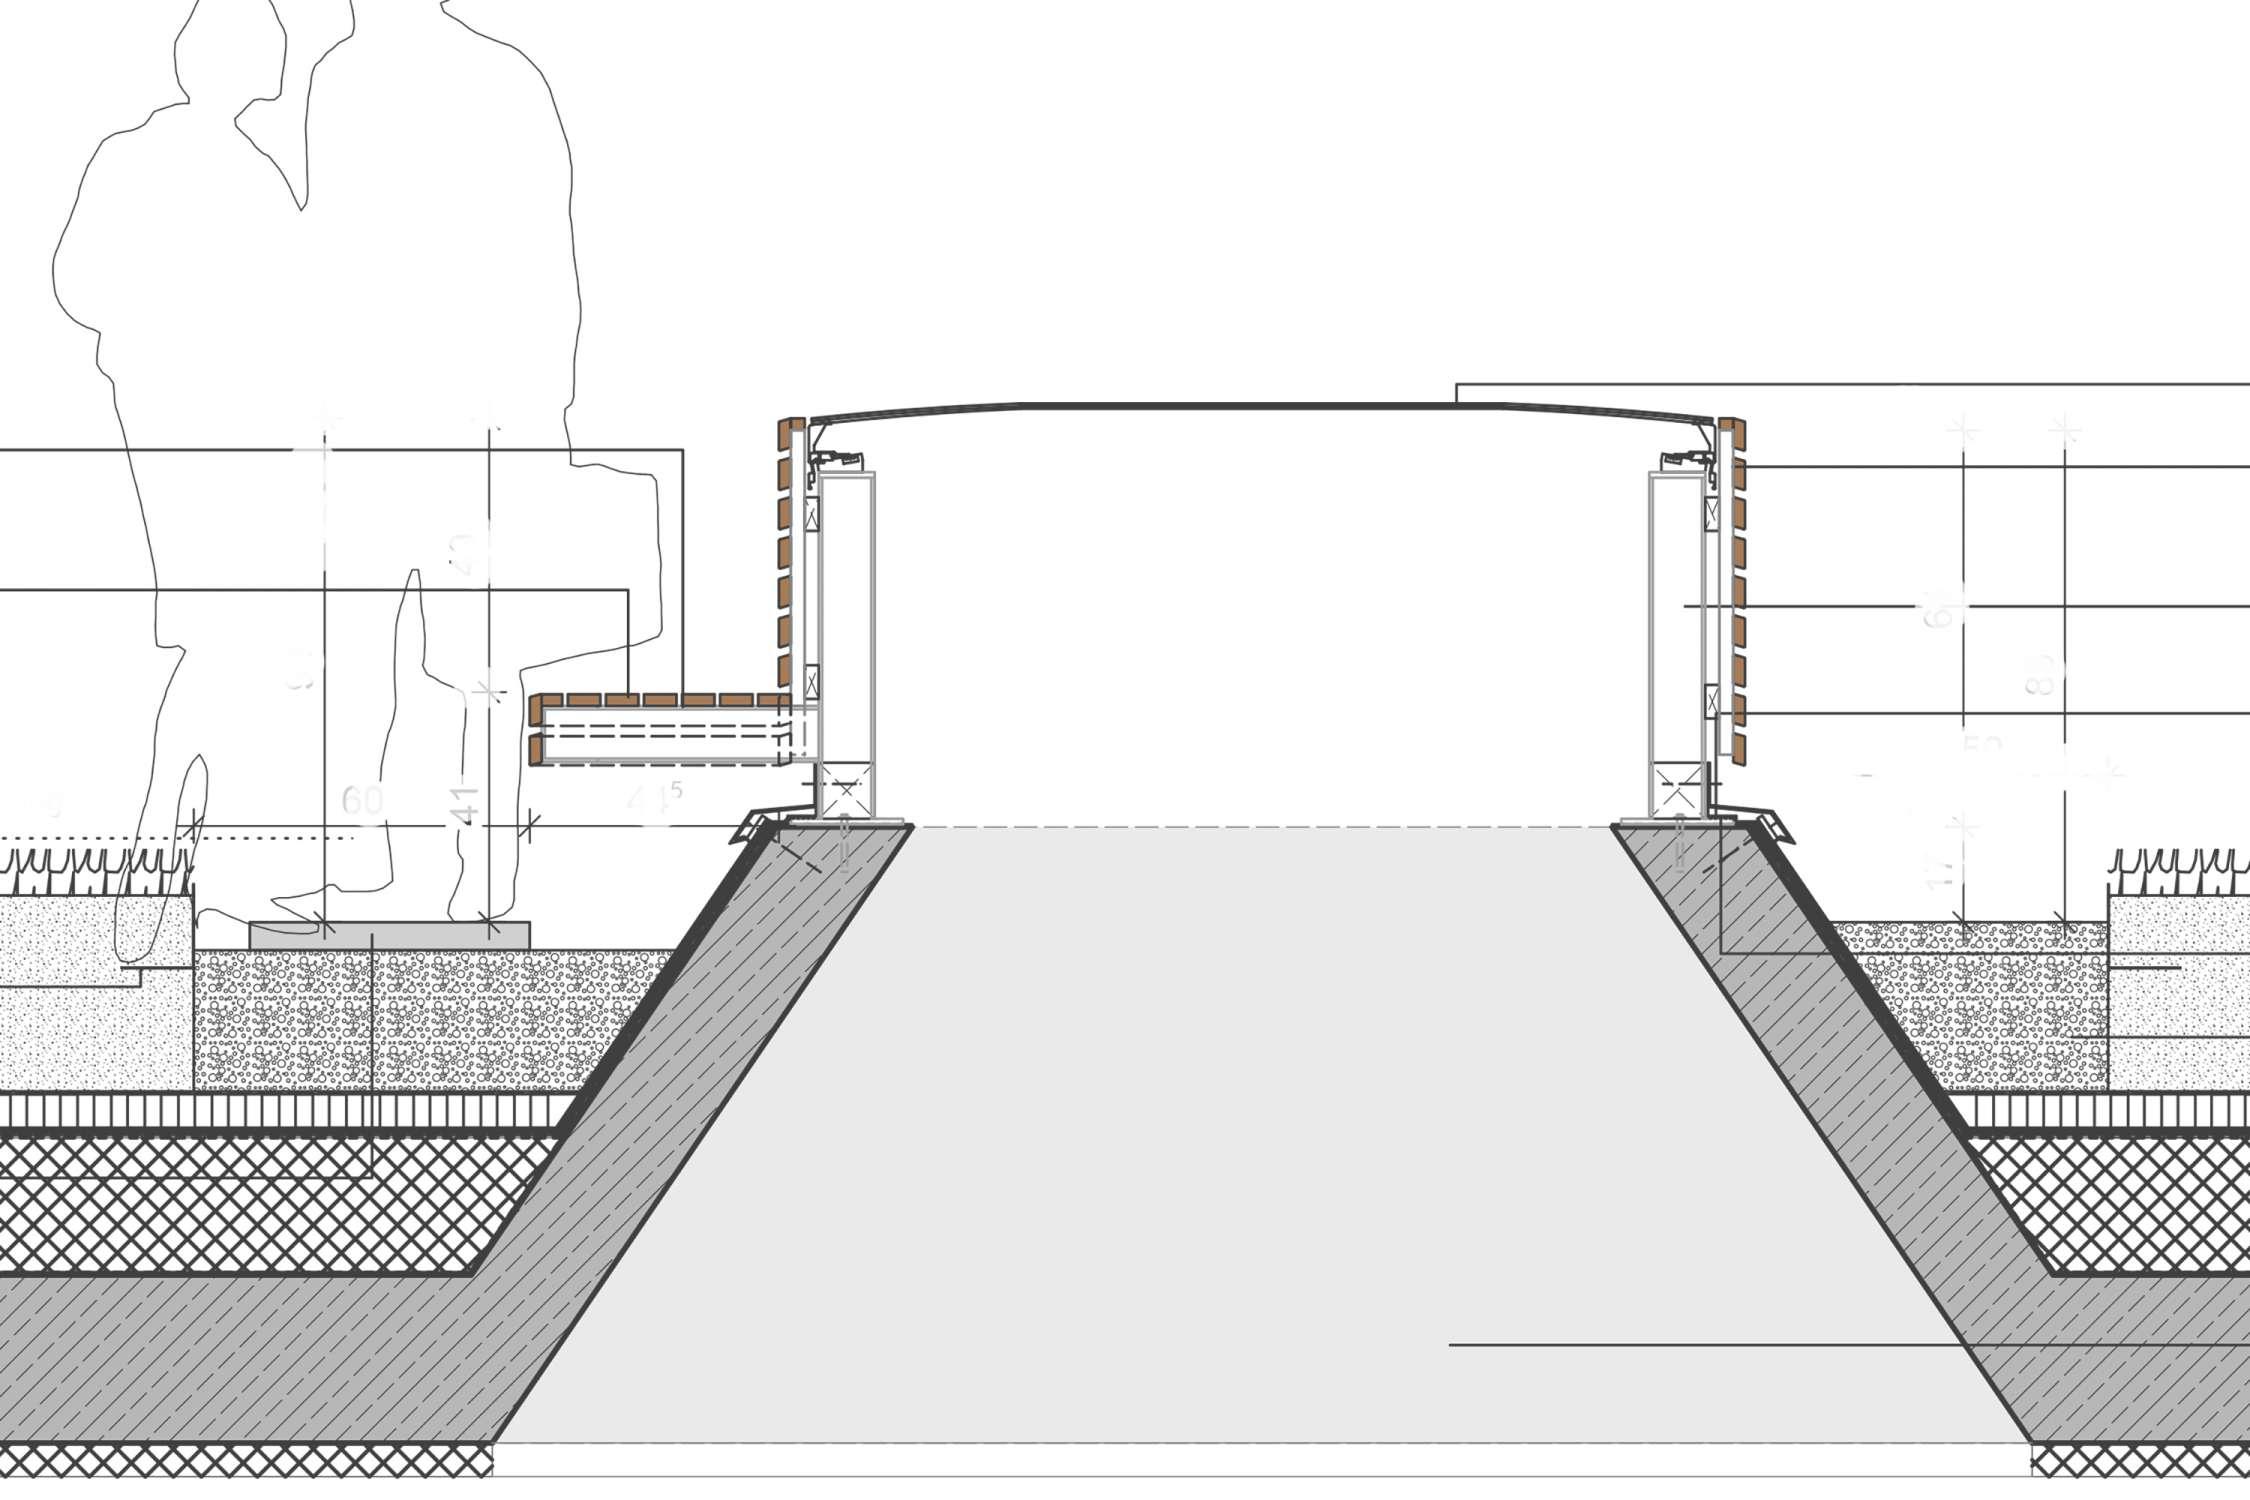 Sanierung Tiefgarage mit Innenhoffreiraumgestaltung (6)